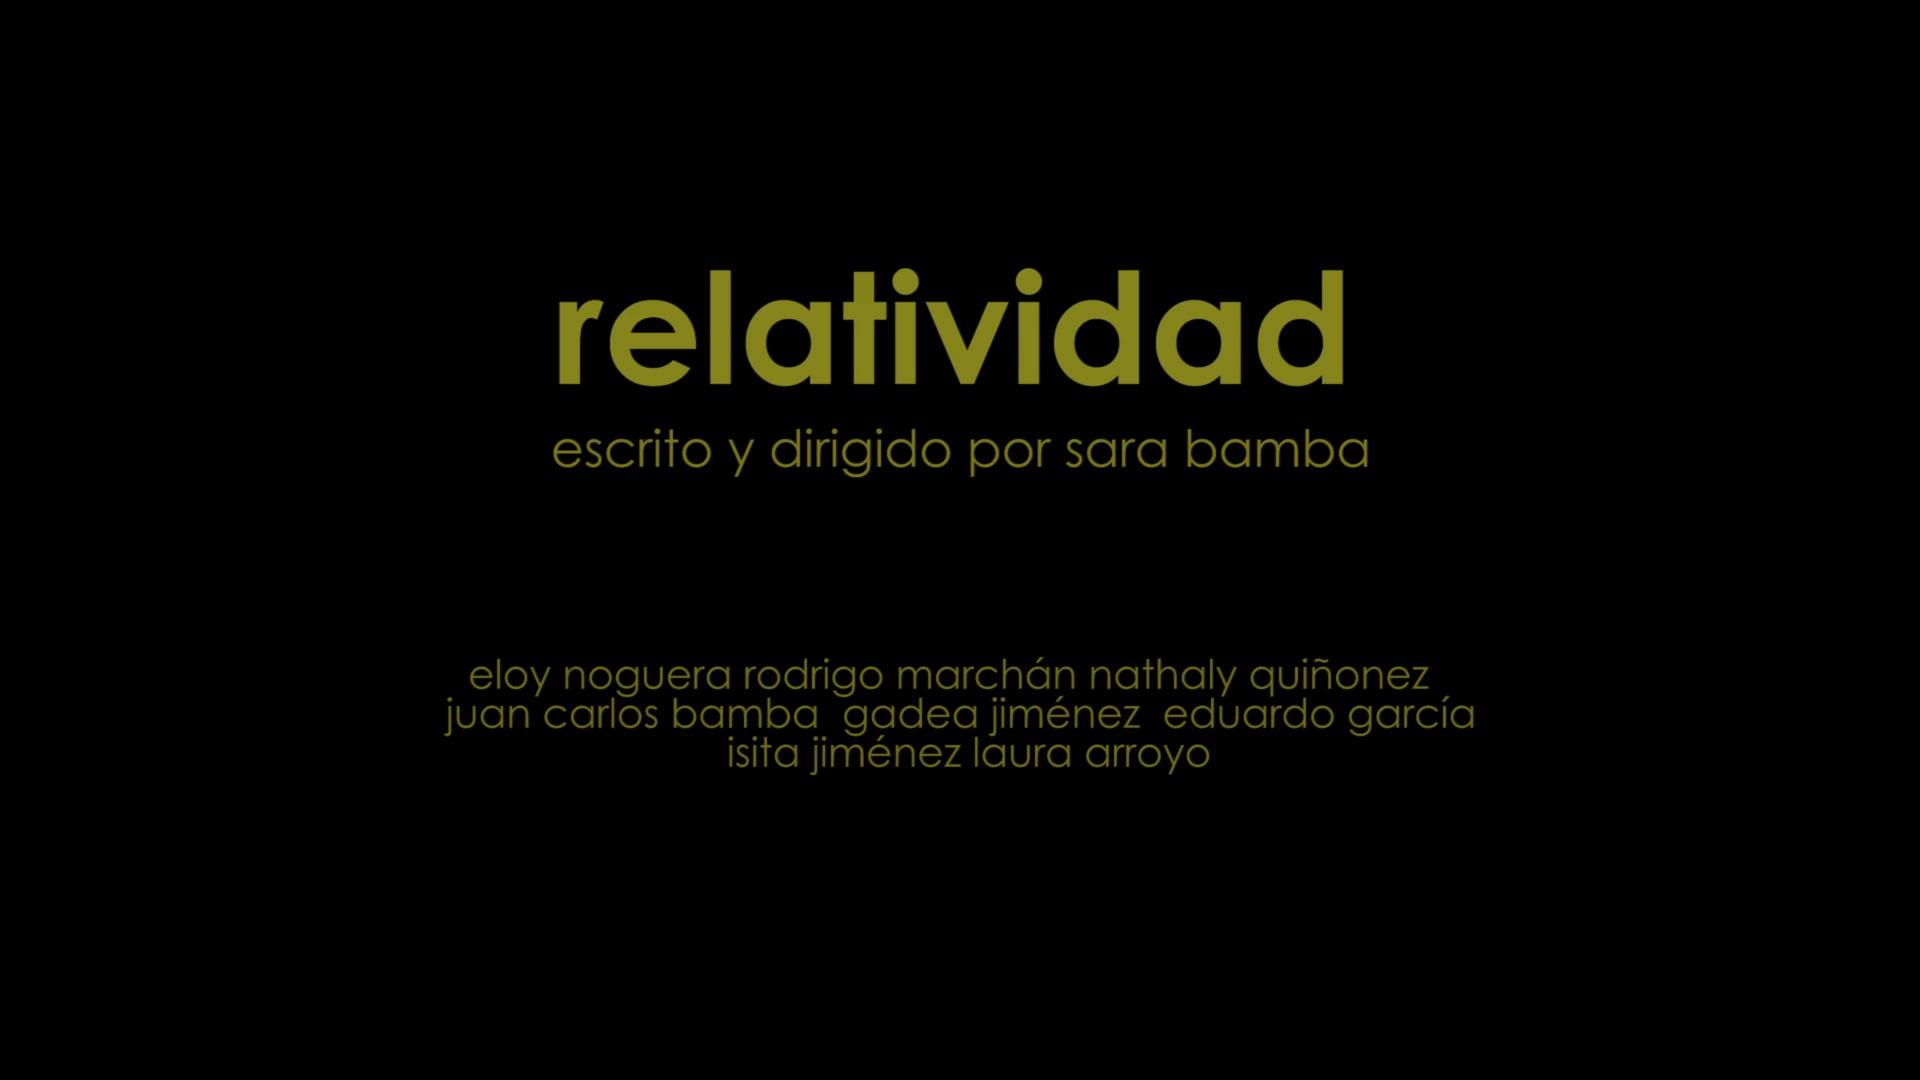 RELATIVIDAD / Cortometraje